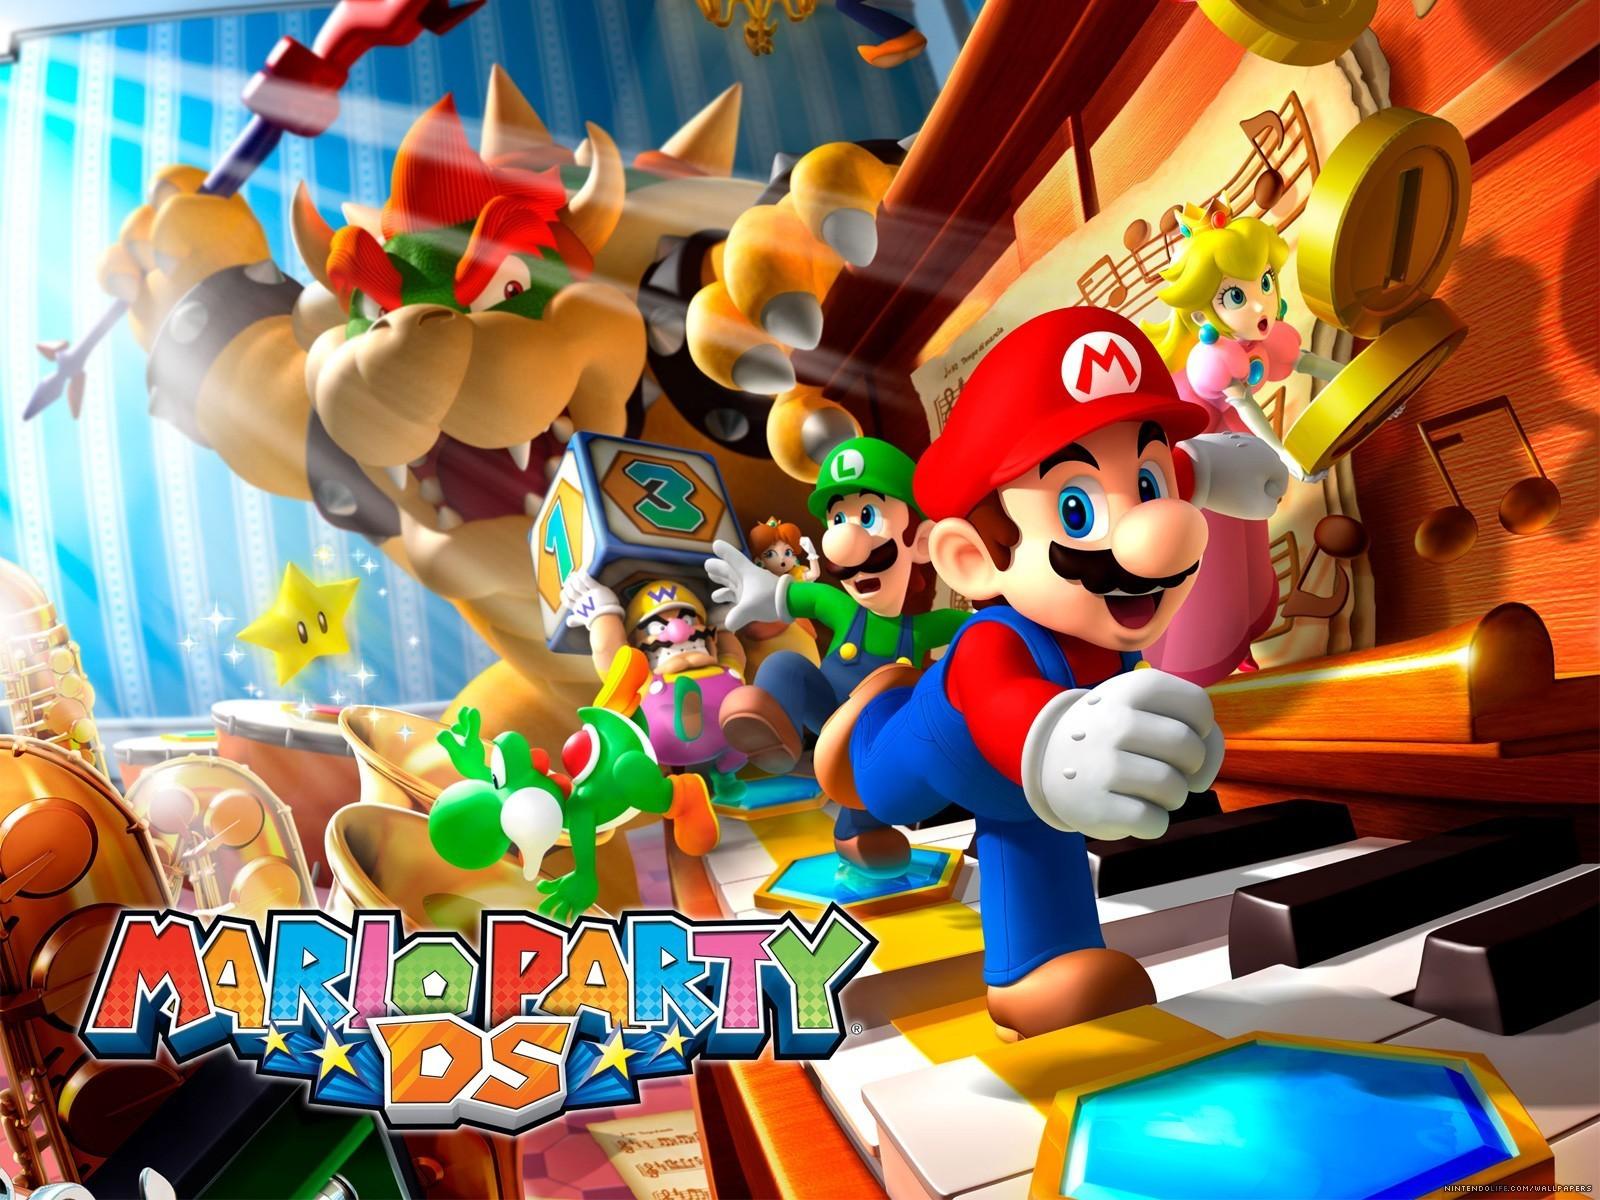 Mario Party 壁紙 スーパーマリオブラザーズ 壁紙 5431939